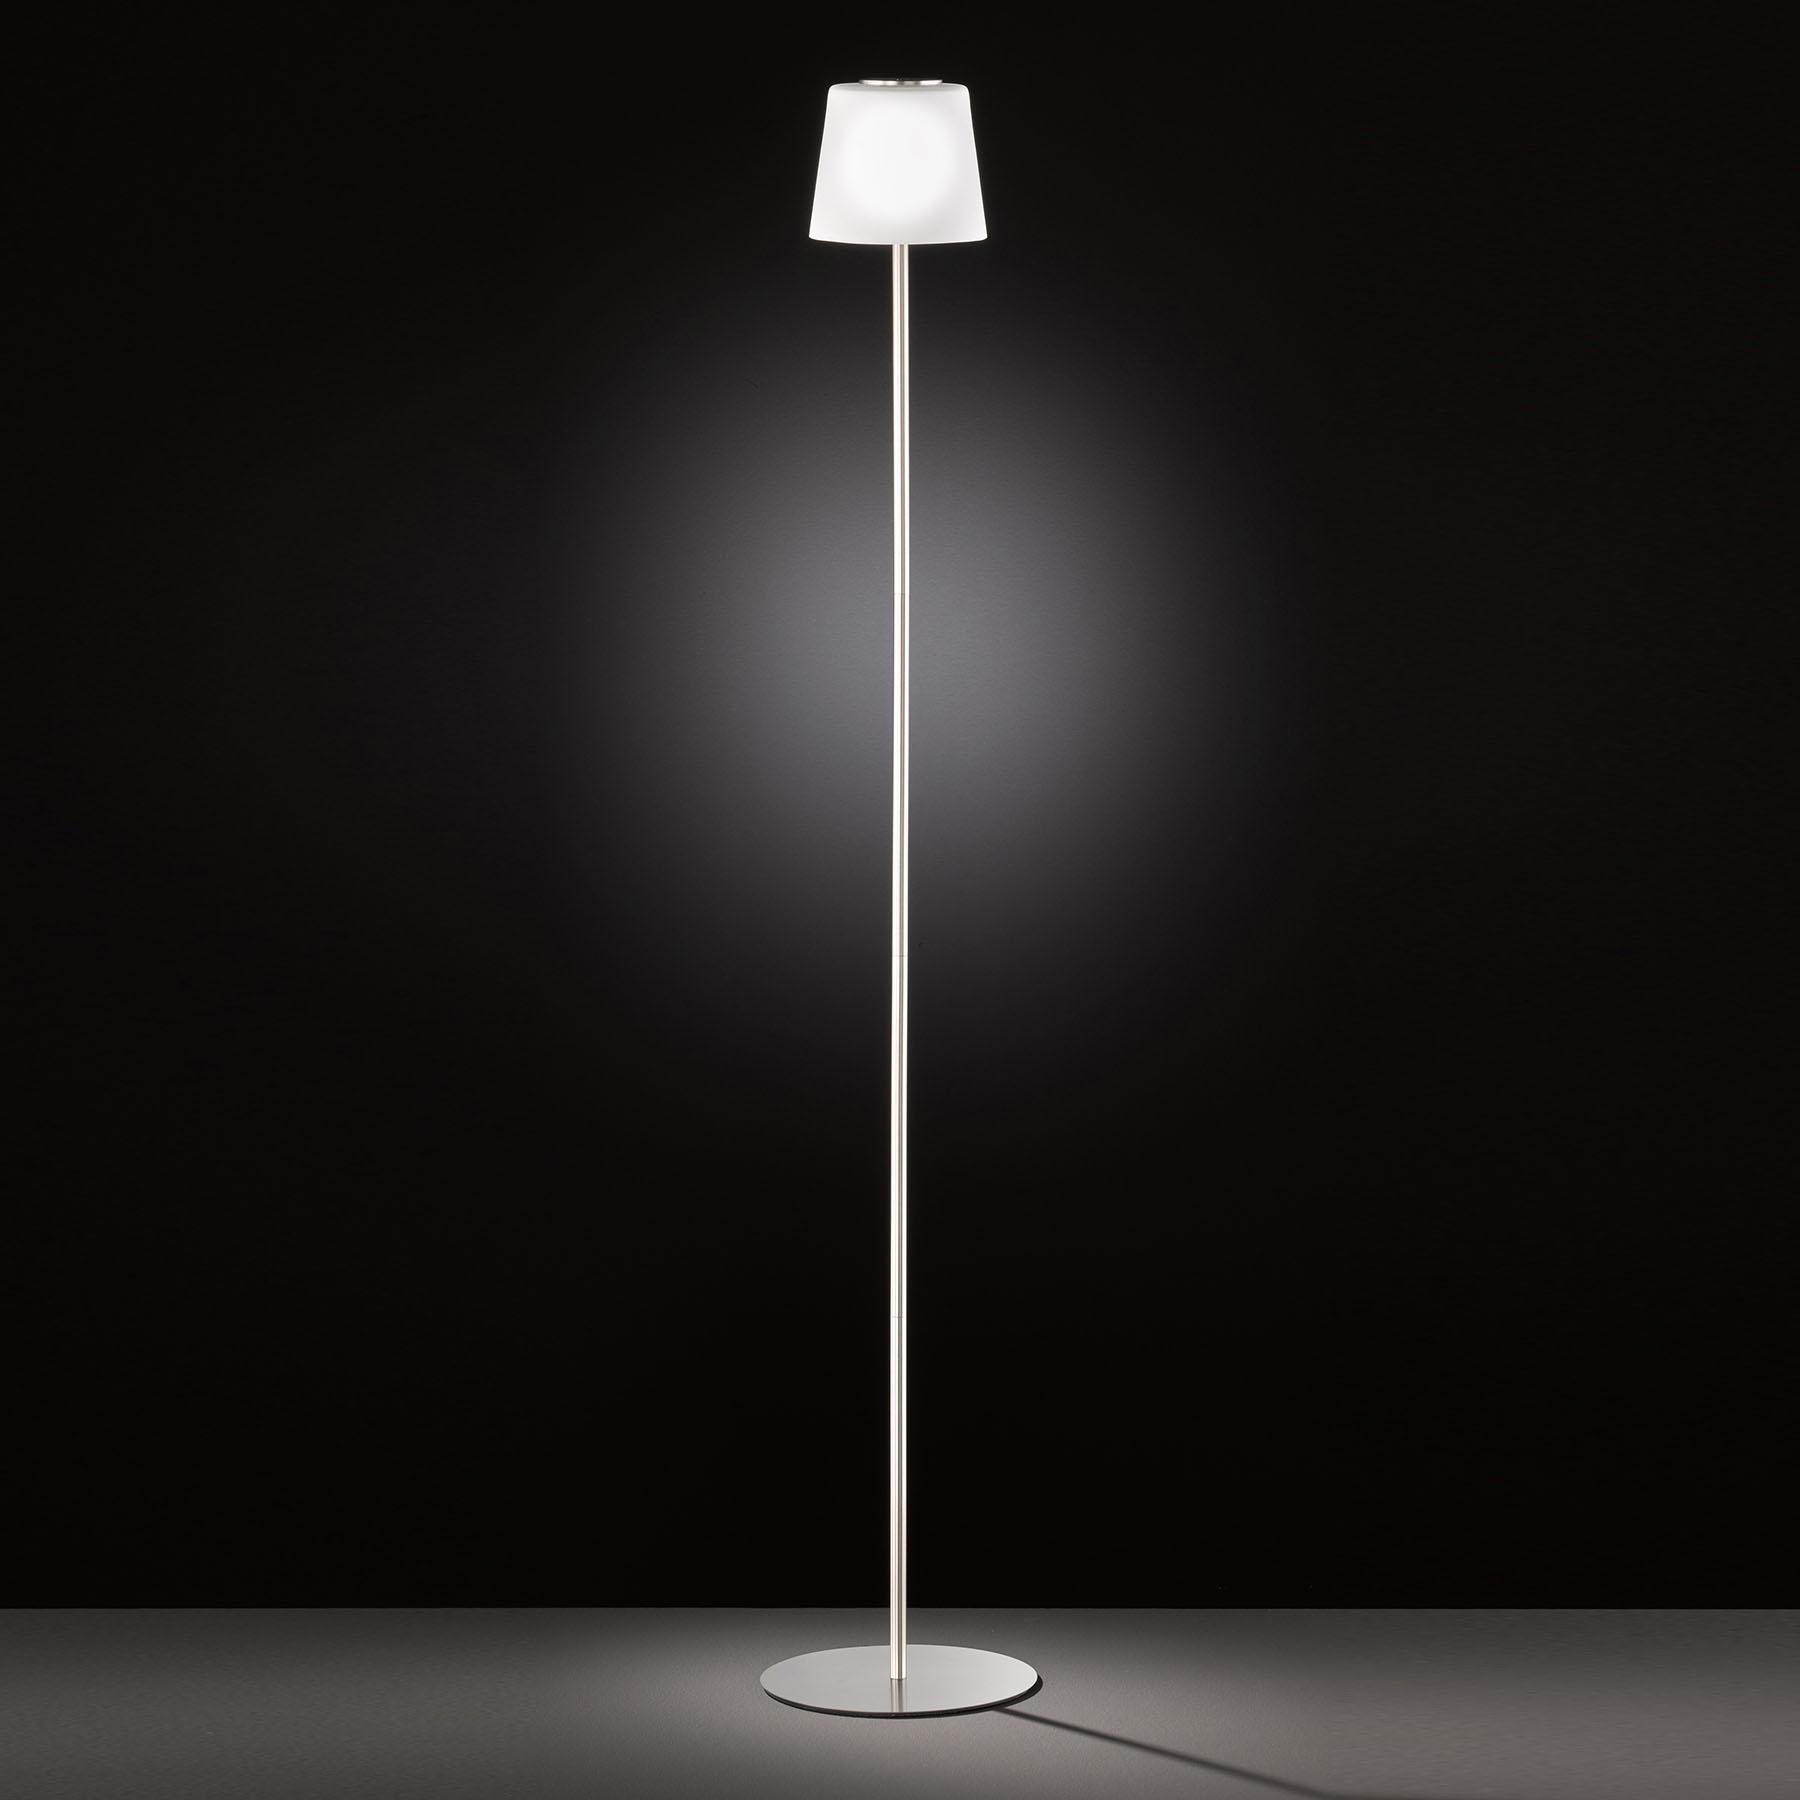 LED vloerlamp Genk met accu en Touch-dimmer